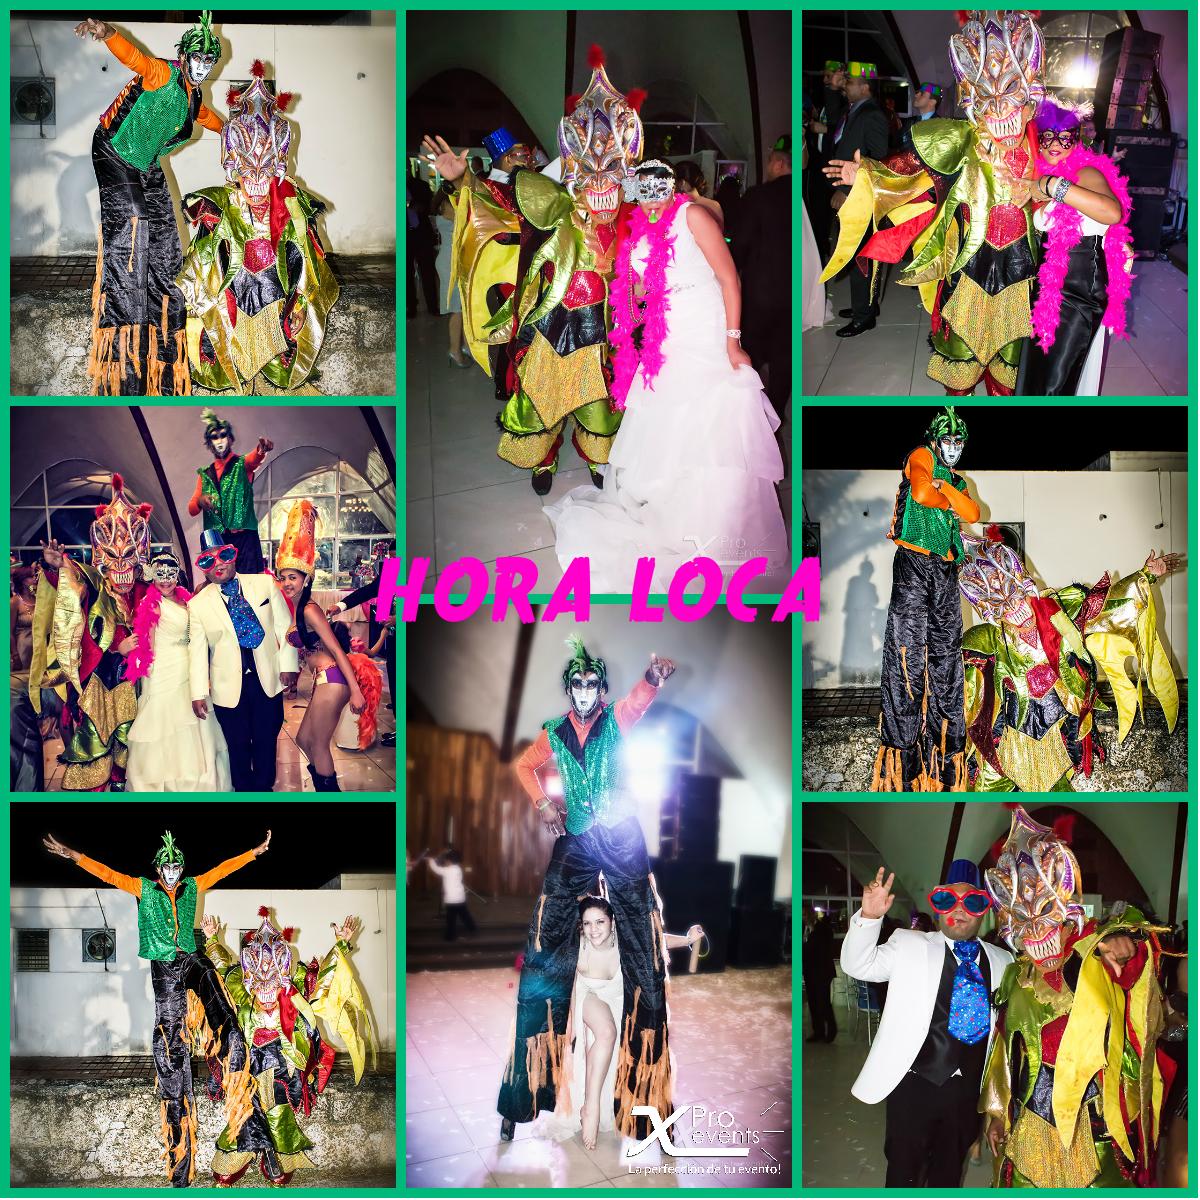 www.Xproevents.com - Hora loca super colorida con Zanco & Diablo Cojuelo.jpg